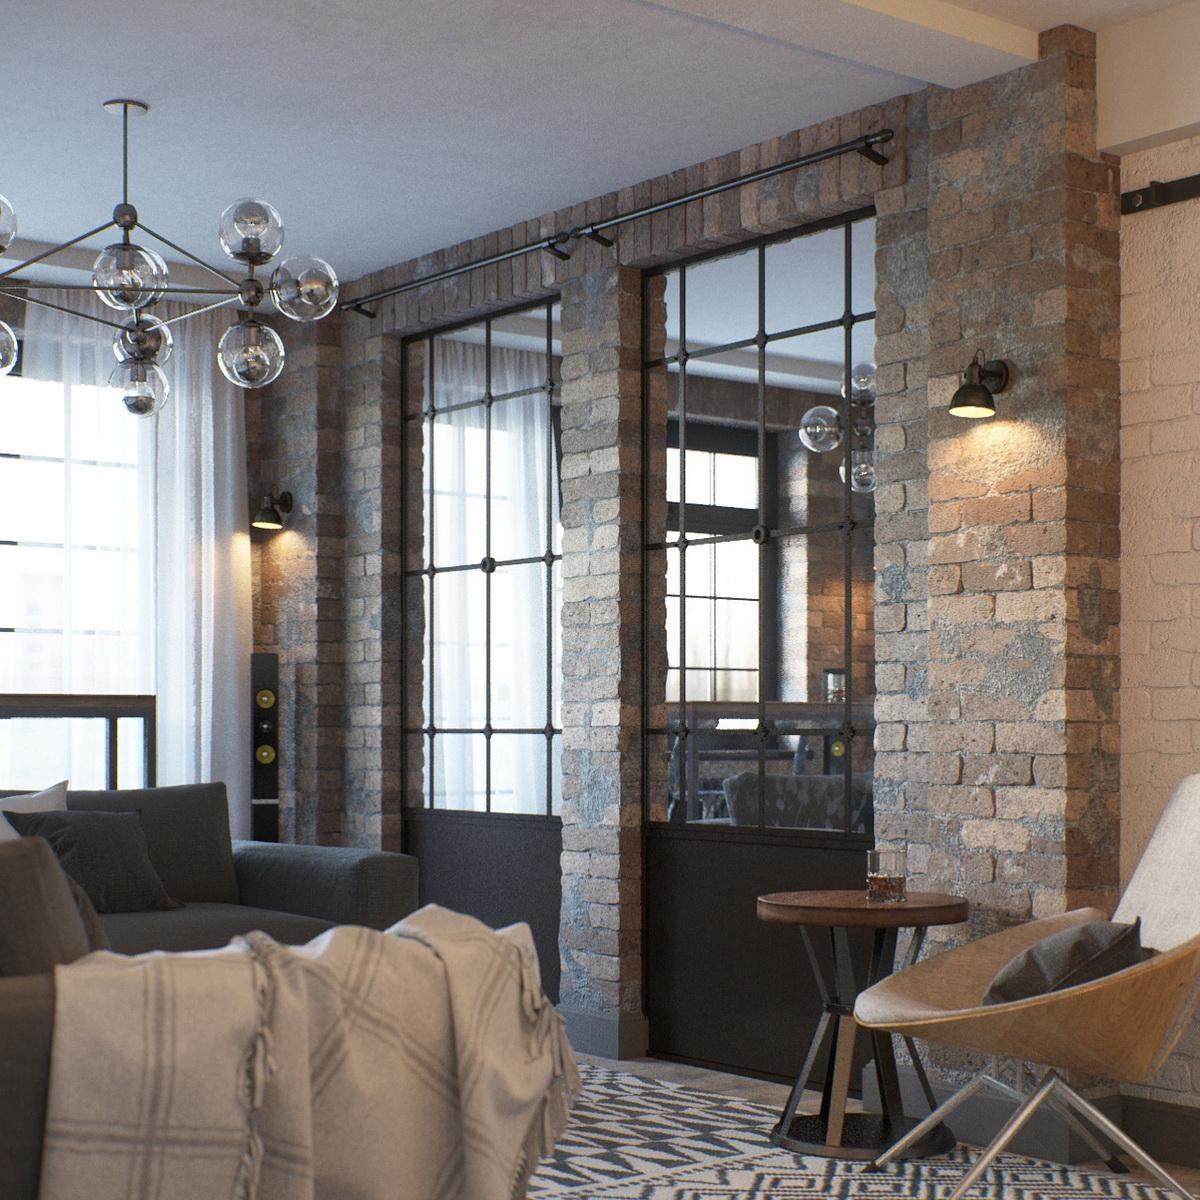 Projects propuesta de dise o de apartamento tipo loft for Consola de tipo industrial